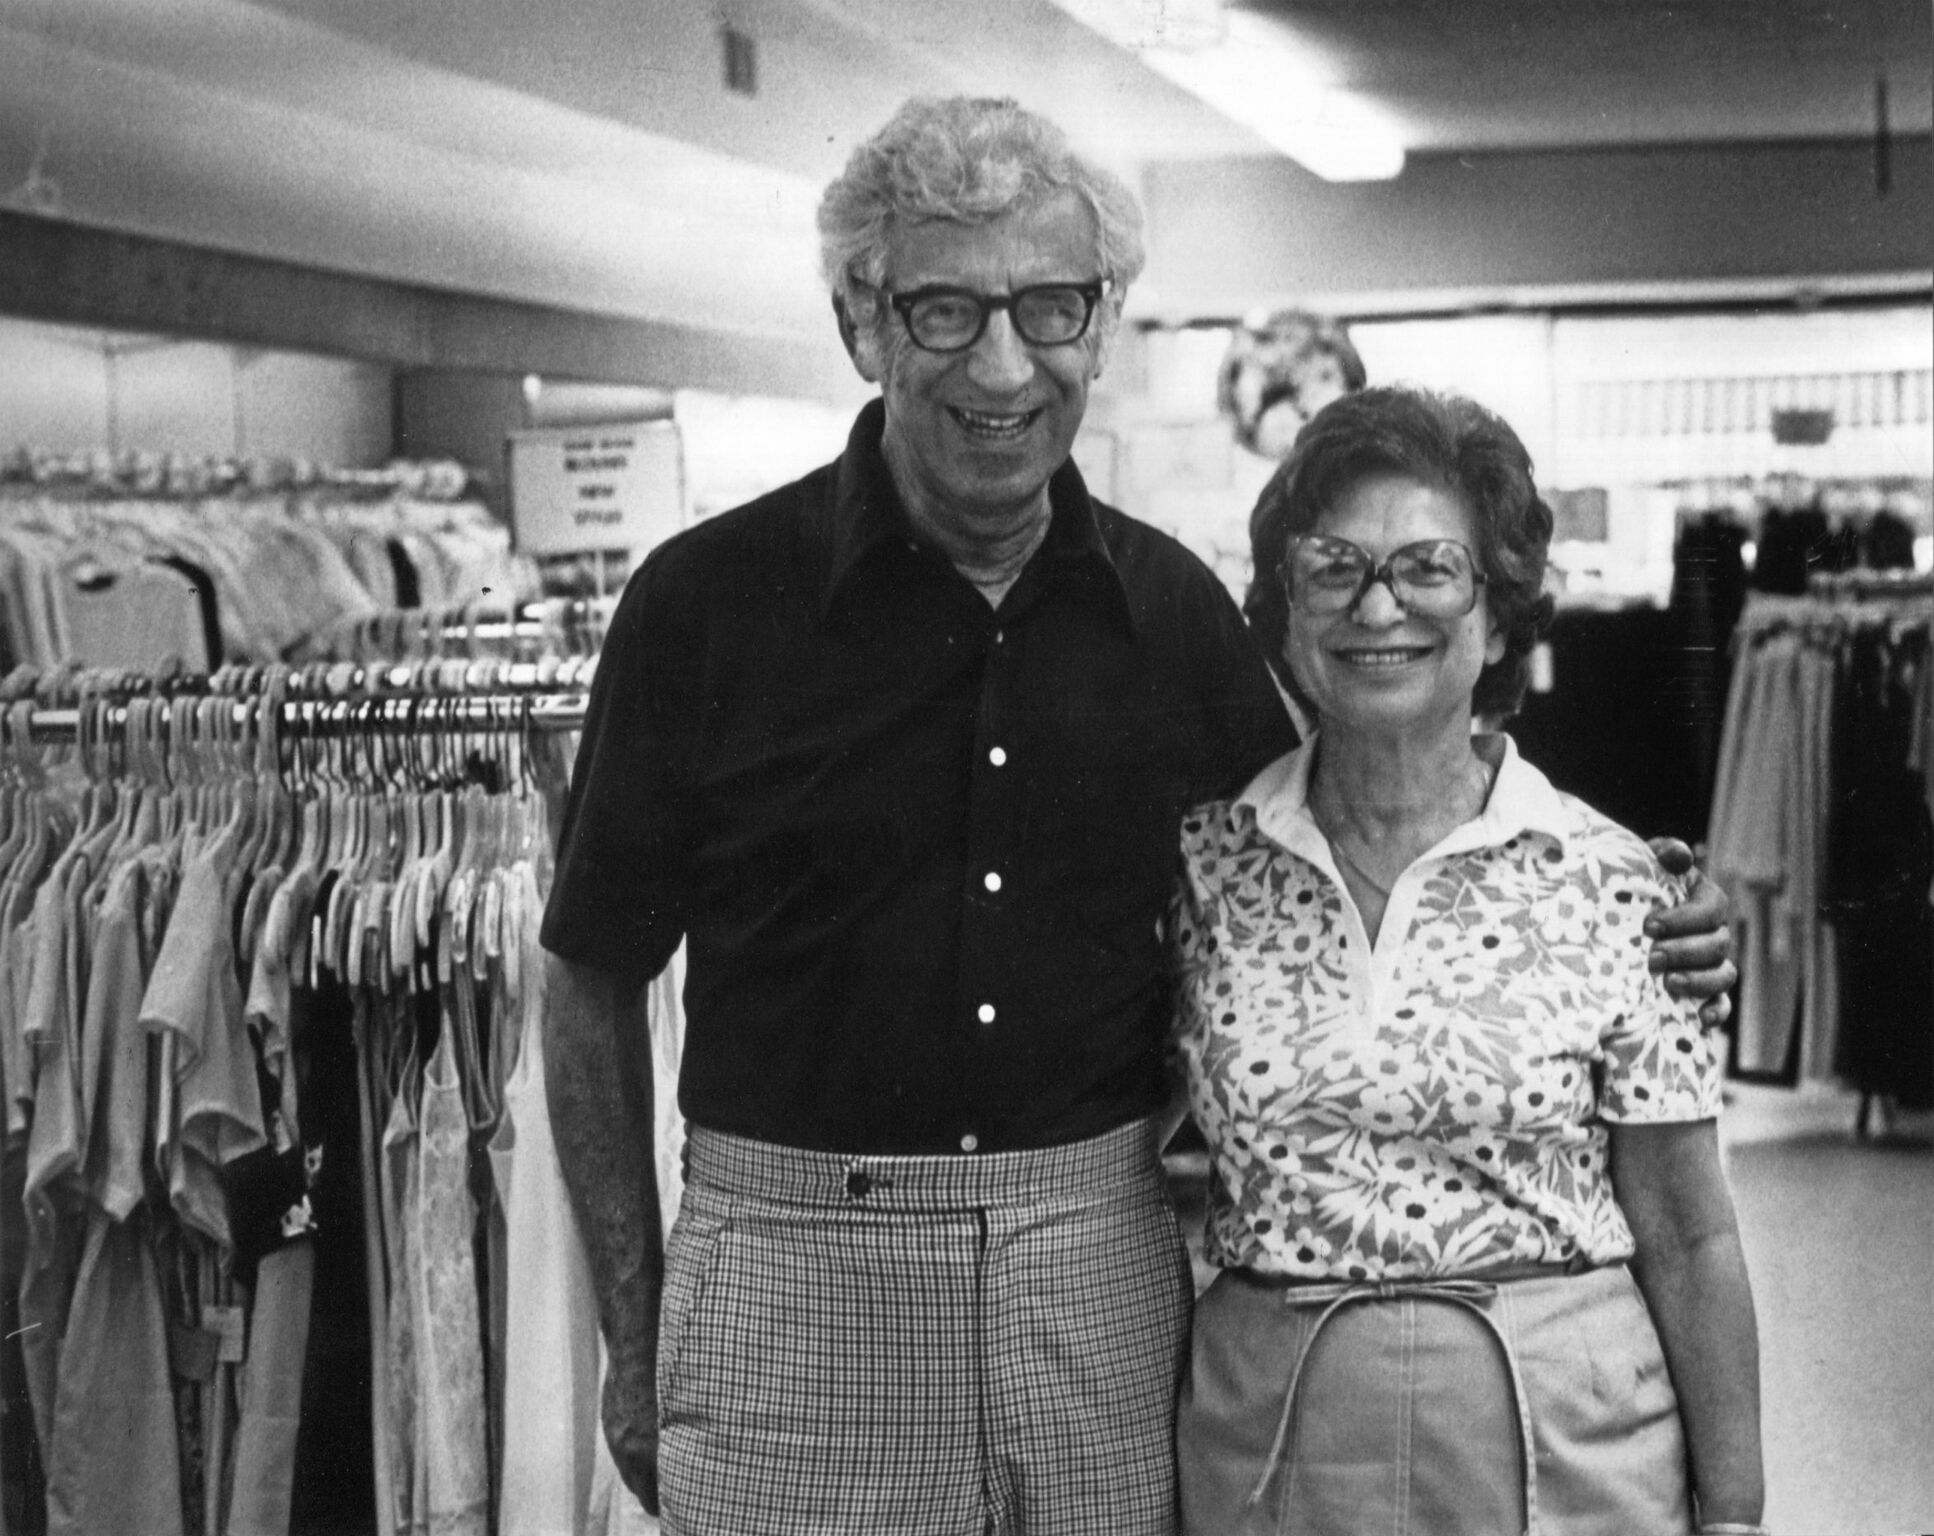 George and Sarah Ackerman